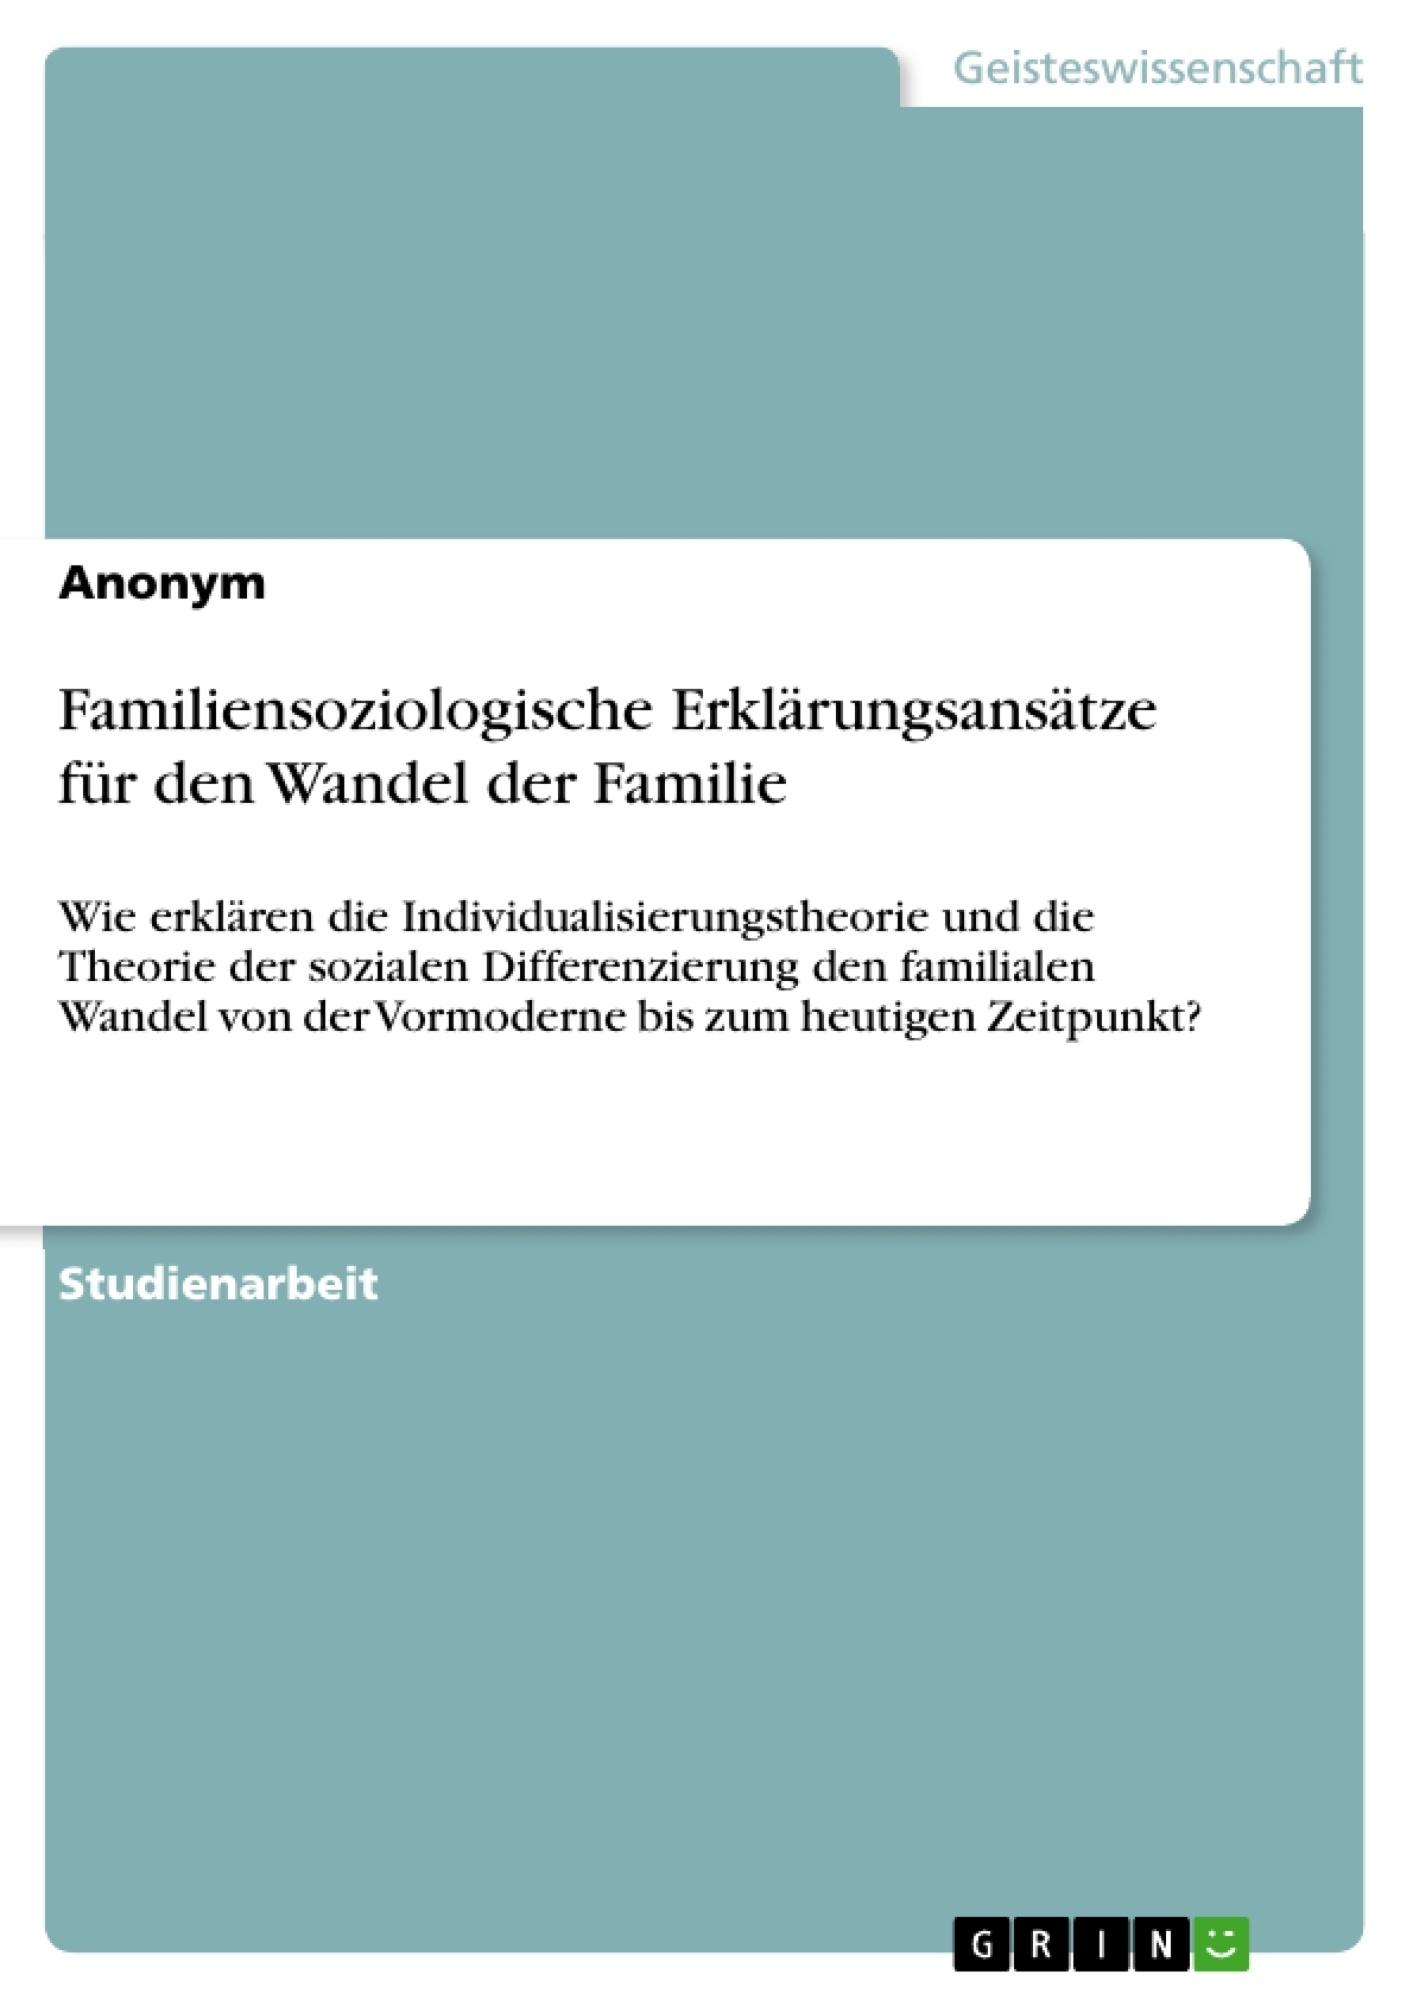 Titel: Familiensoziologische Erklärungsansätze für den Wandel der Familie